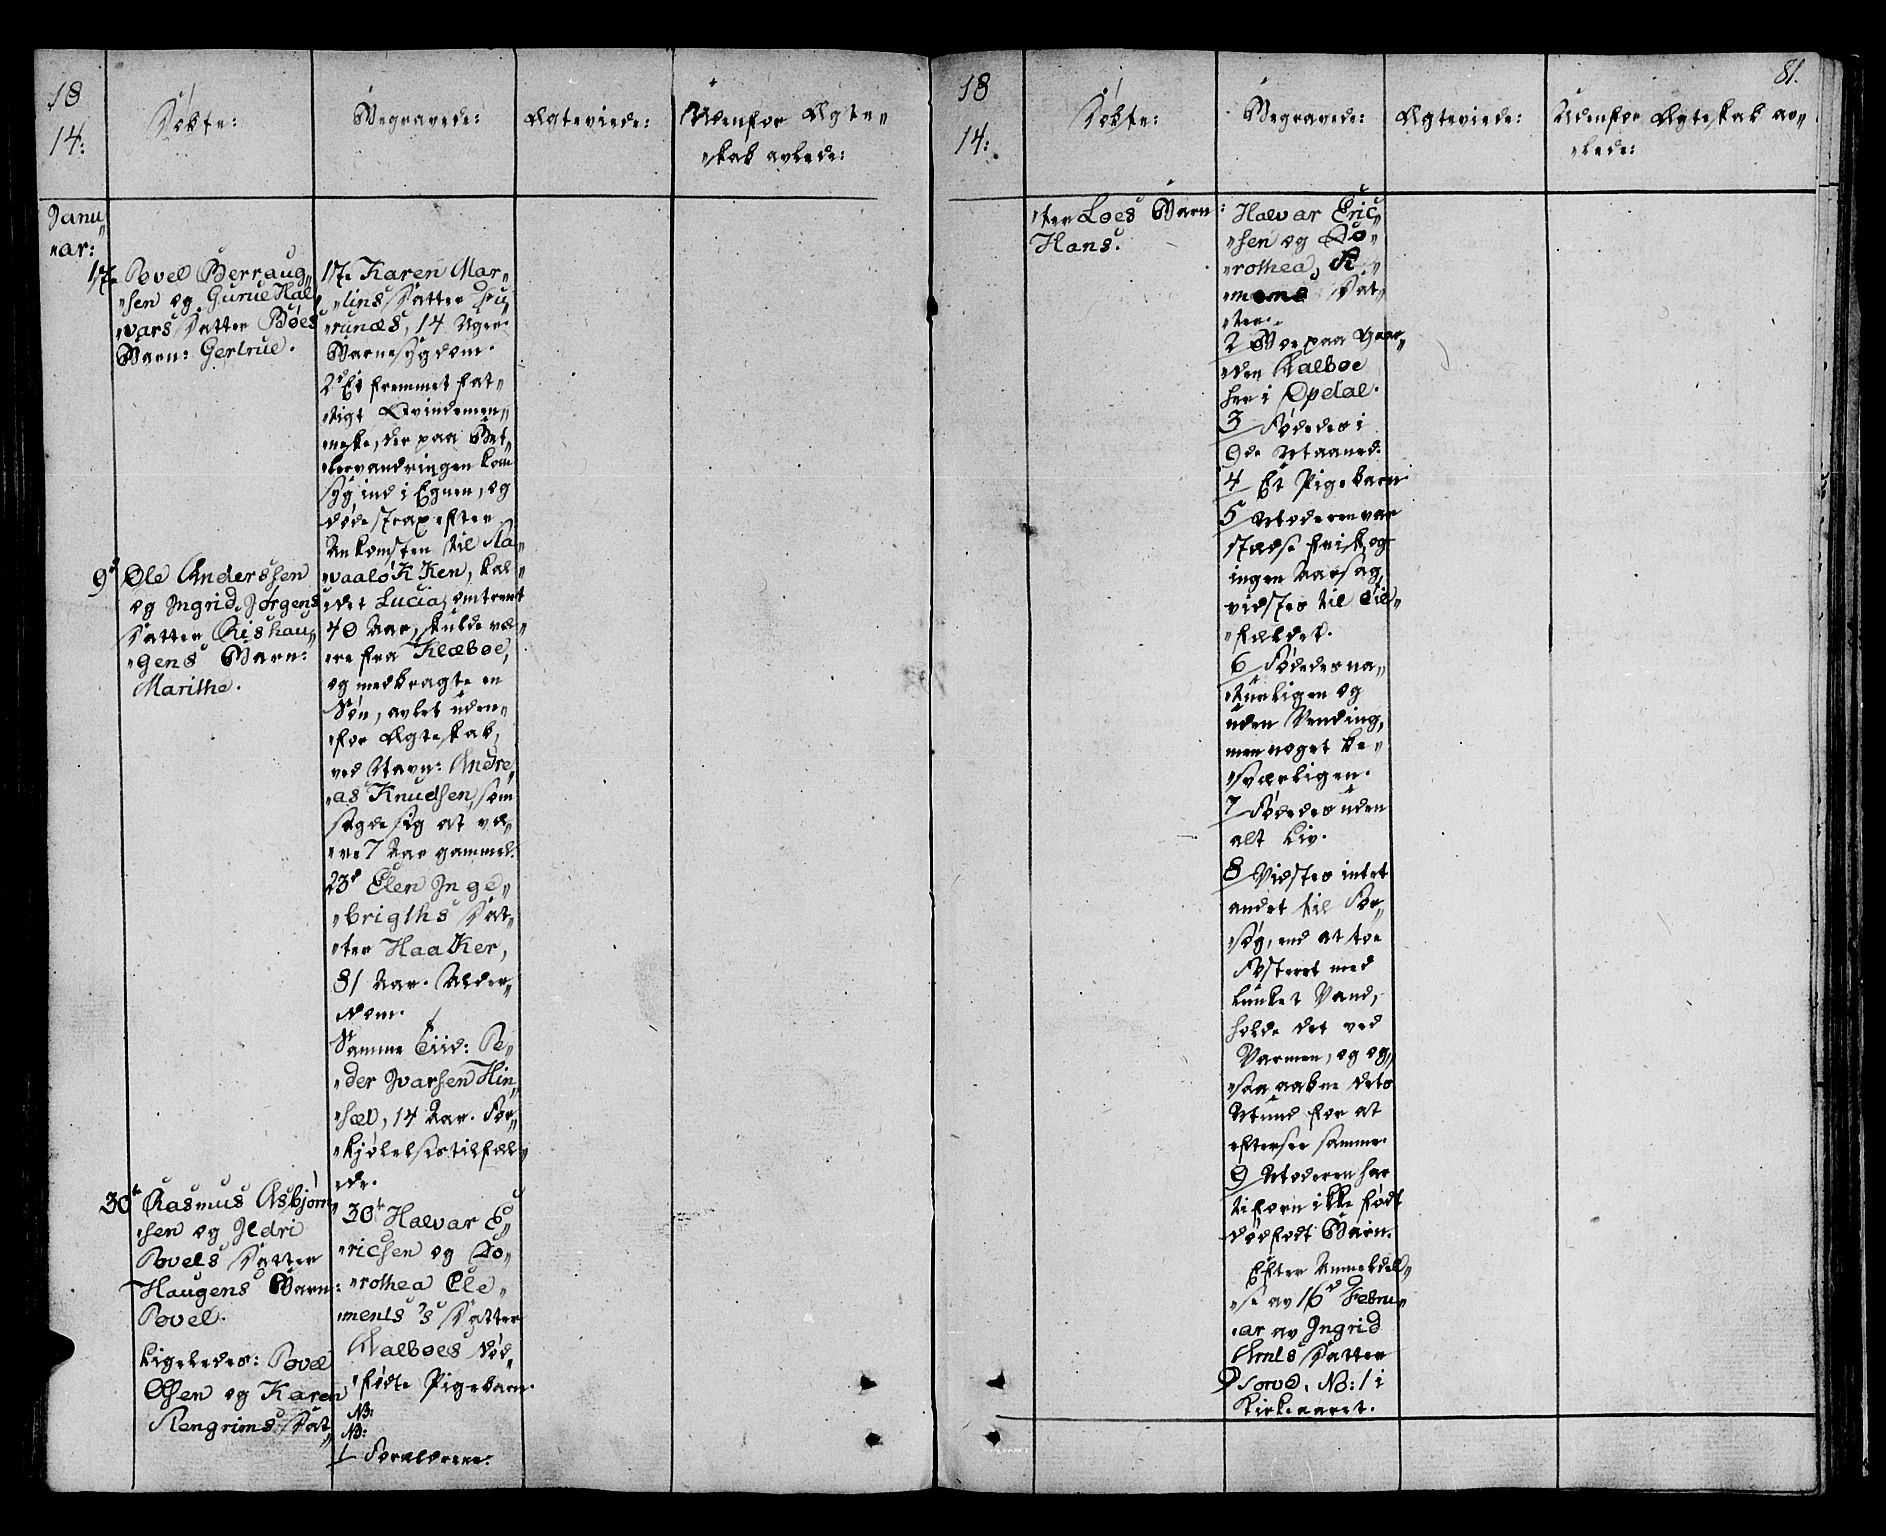 SAT, Ministerialprotokoller, klokkerbøker og fødselsregistre - Sør-Trøndelag, 678/L0894: Ministerialbok nr. 678A04, 1806-1815, s. 81